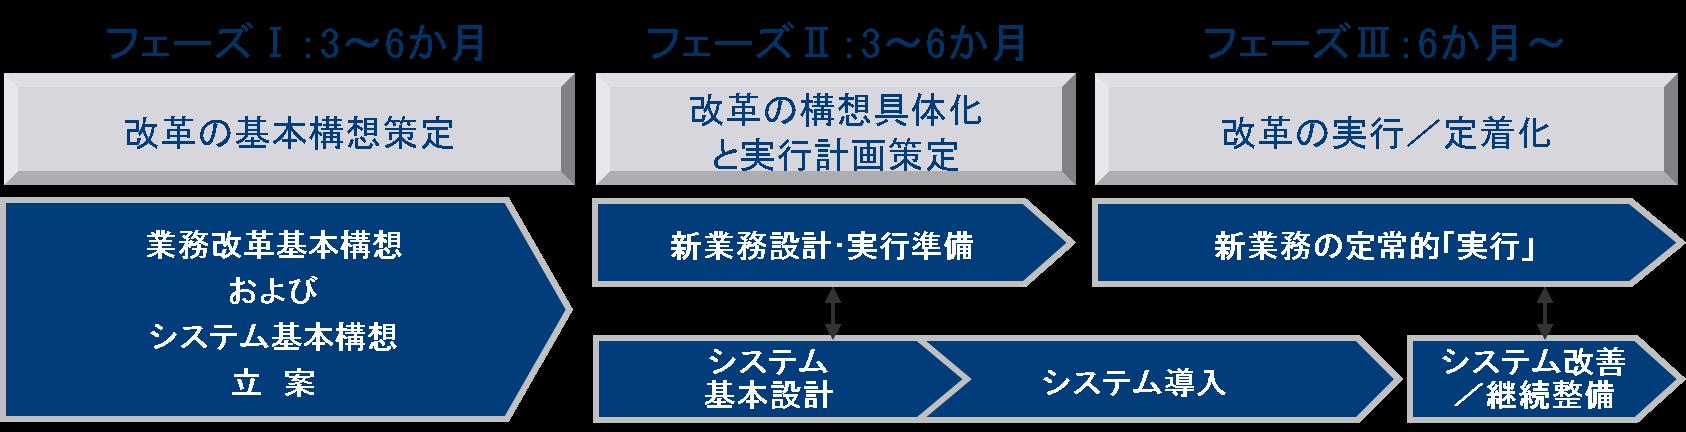 業務・システム改革プロジェクトの進め方 第2回:フェーズⅠ【改革の ...